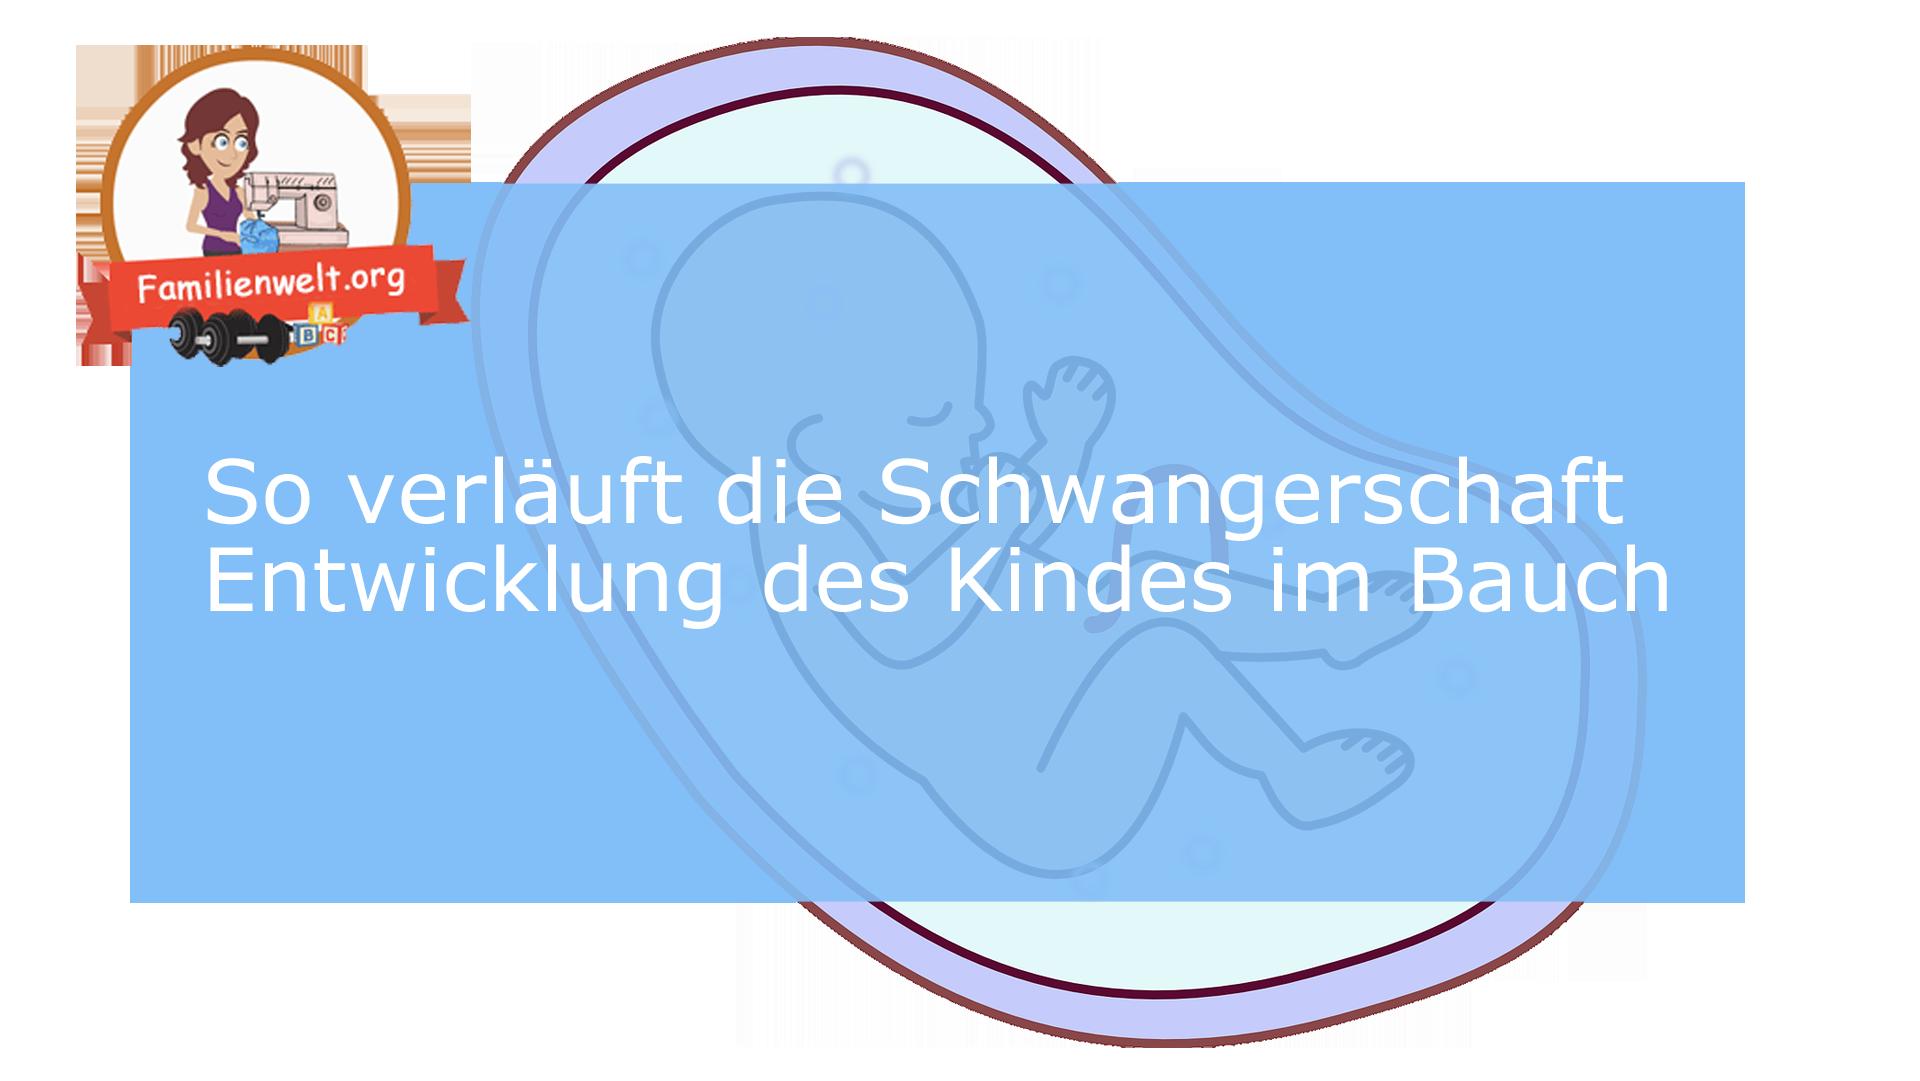 Schwangerschaft Entwicklung Kind Bauch